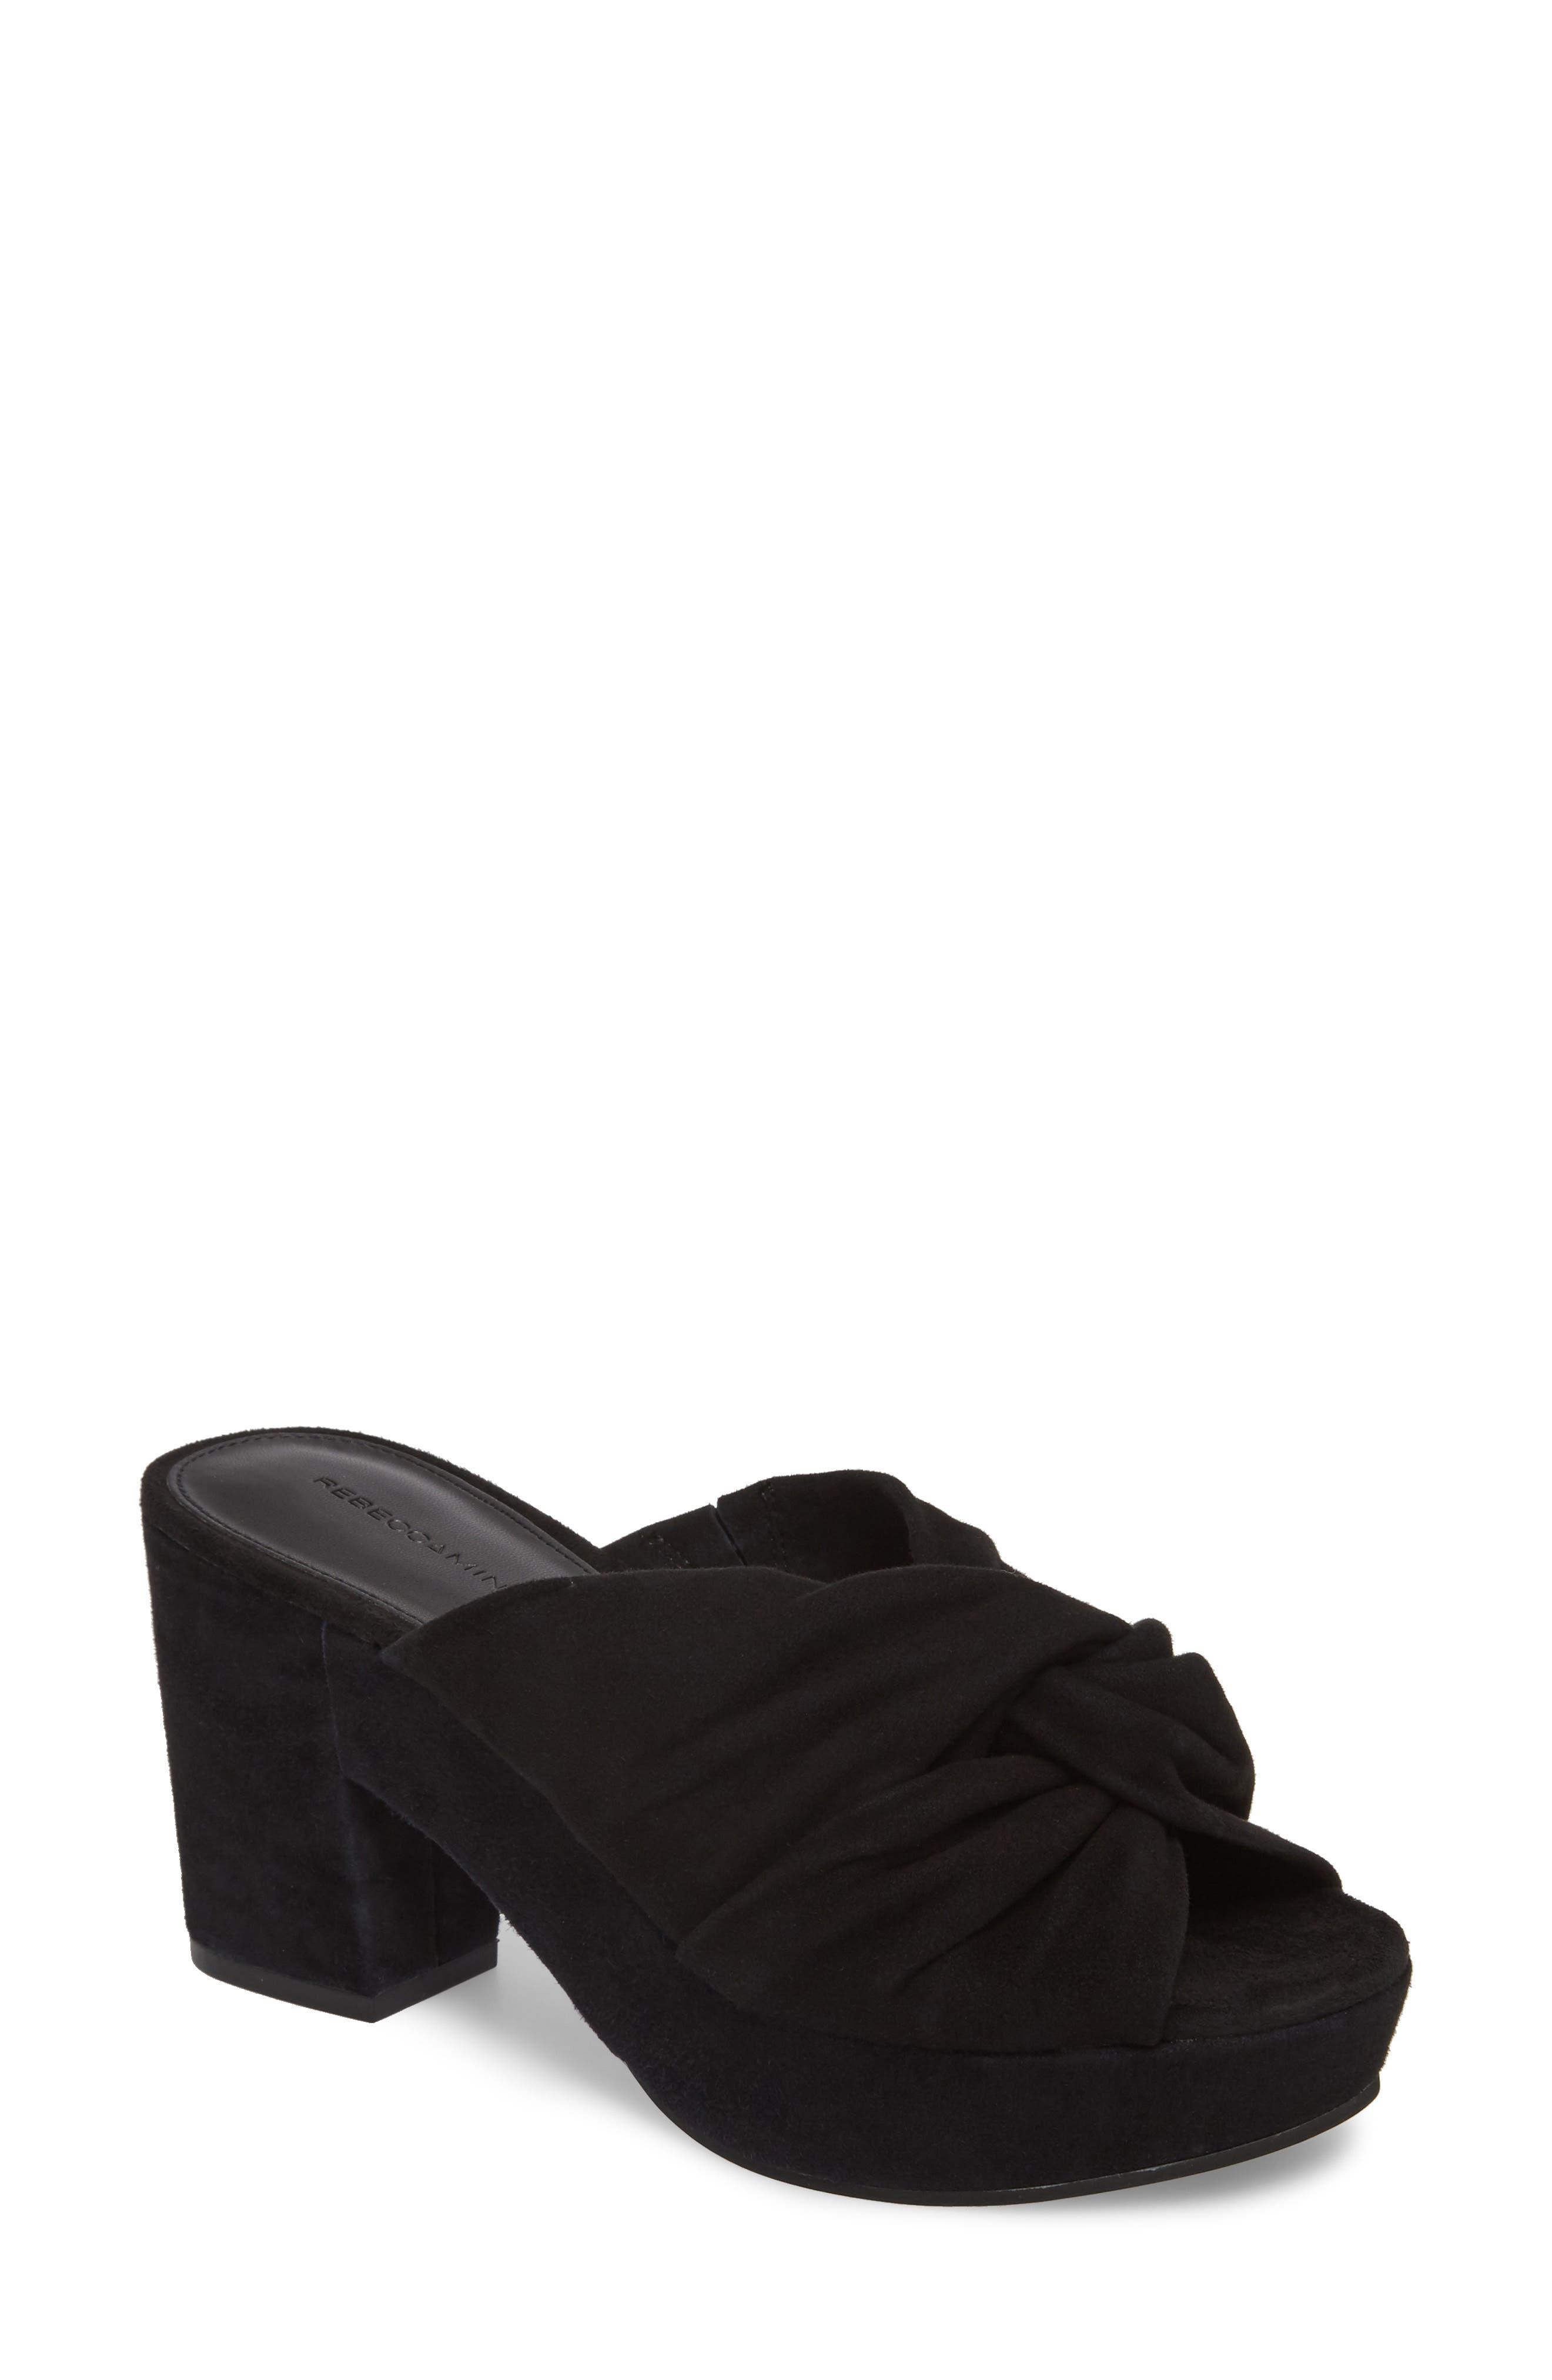 REBECCA MINKOFF Jaden Slide Sandal, Main, color, 001